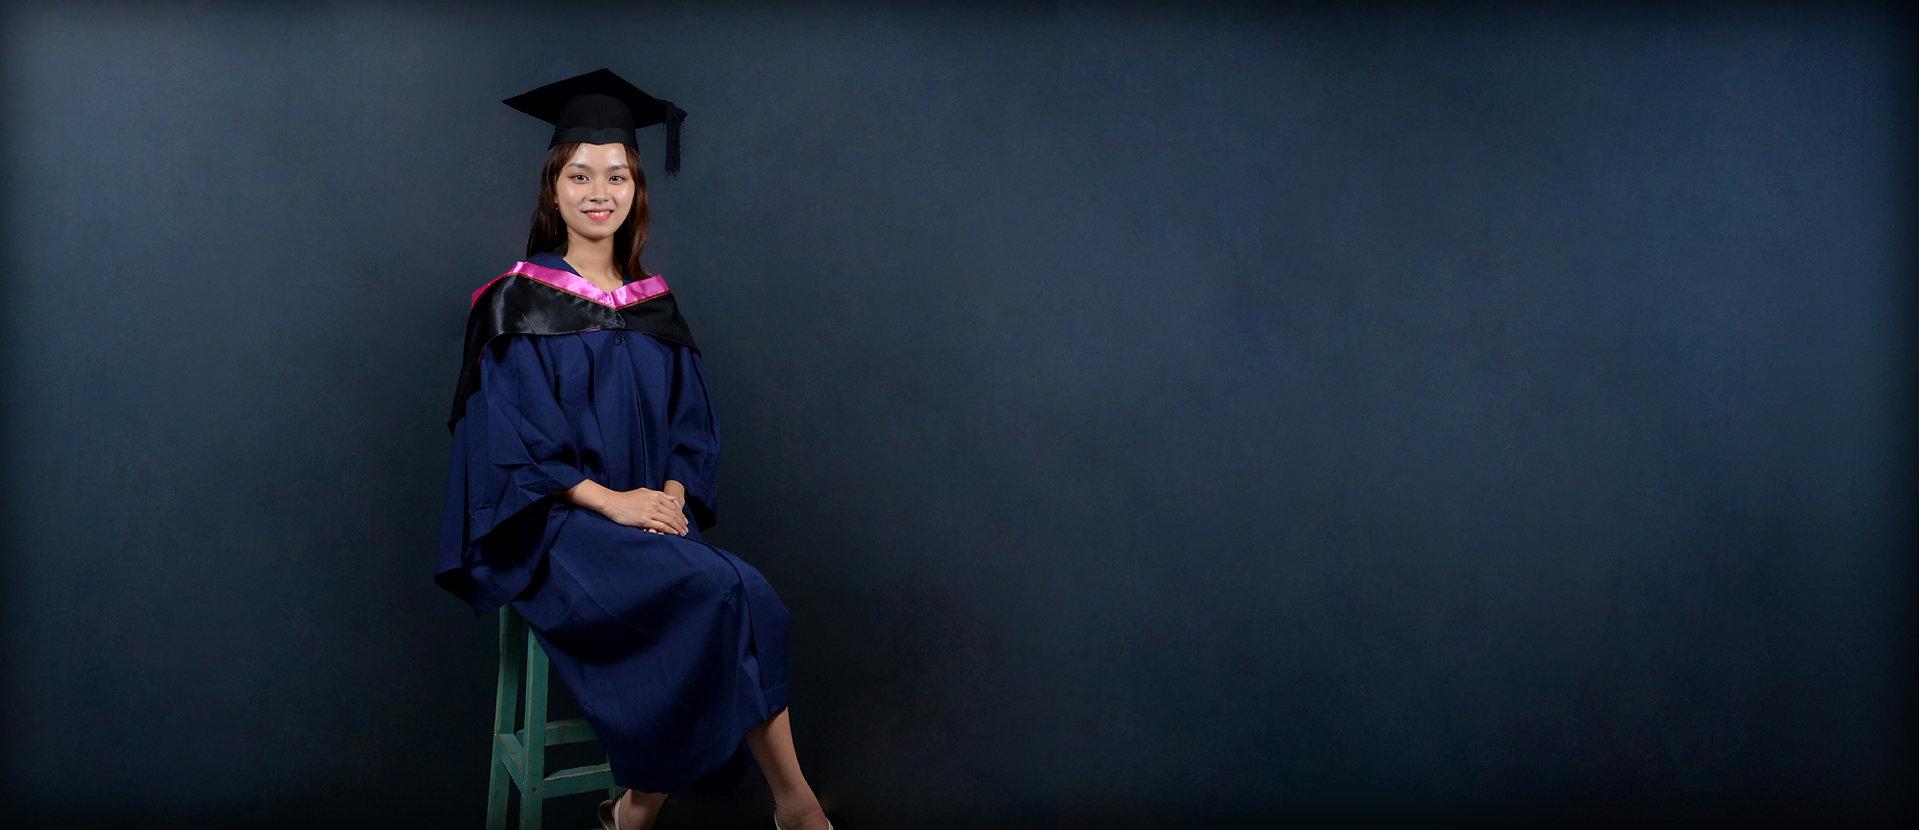 The Hong Kong Polytechnic University ( PolyU ) Graduation Gown | Academic Dress and Academic Regalia | Rent or Buy 租借、購買香港理工大學畢業袍 | 理工大學畢業袍 | 理大畢業袍 | 學士畢業袍、碩士畢業袍、博士袍畢業袍